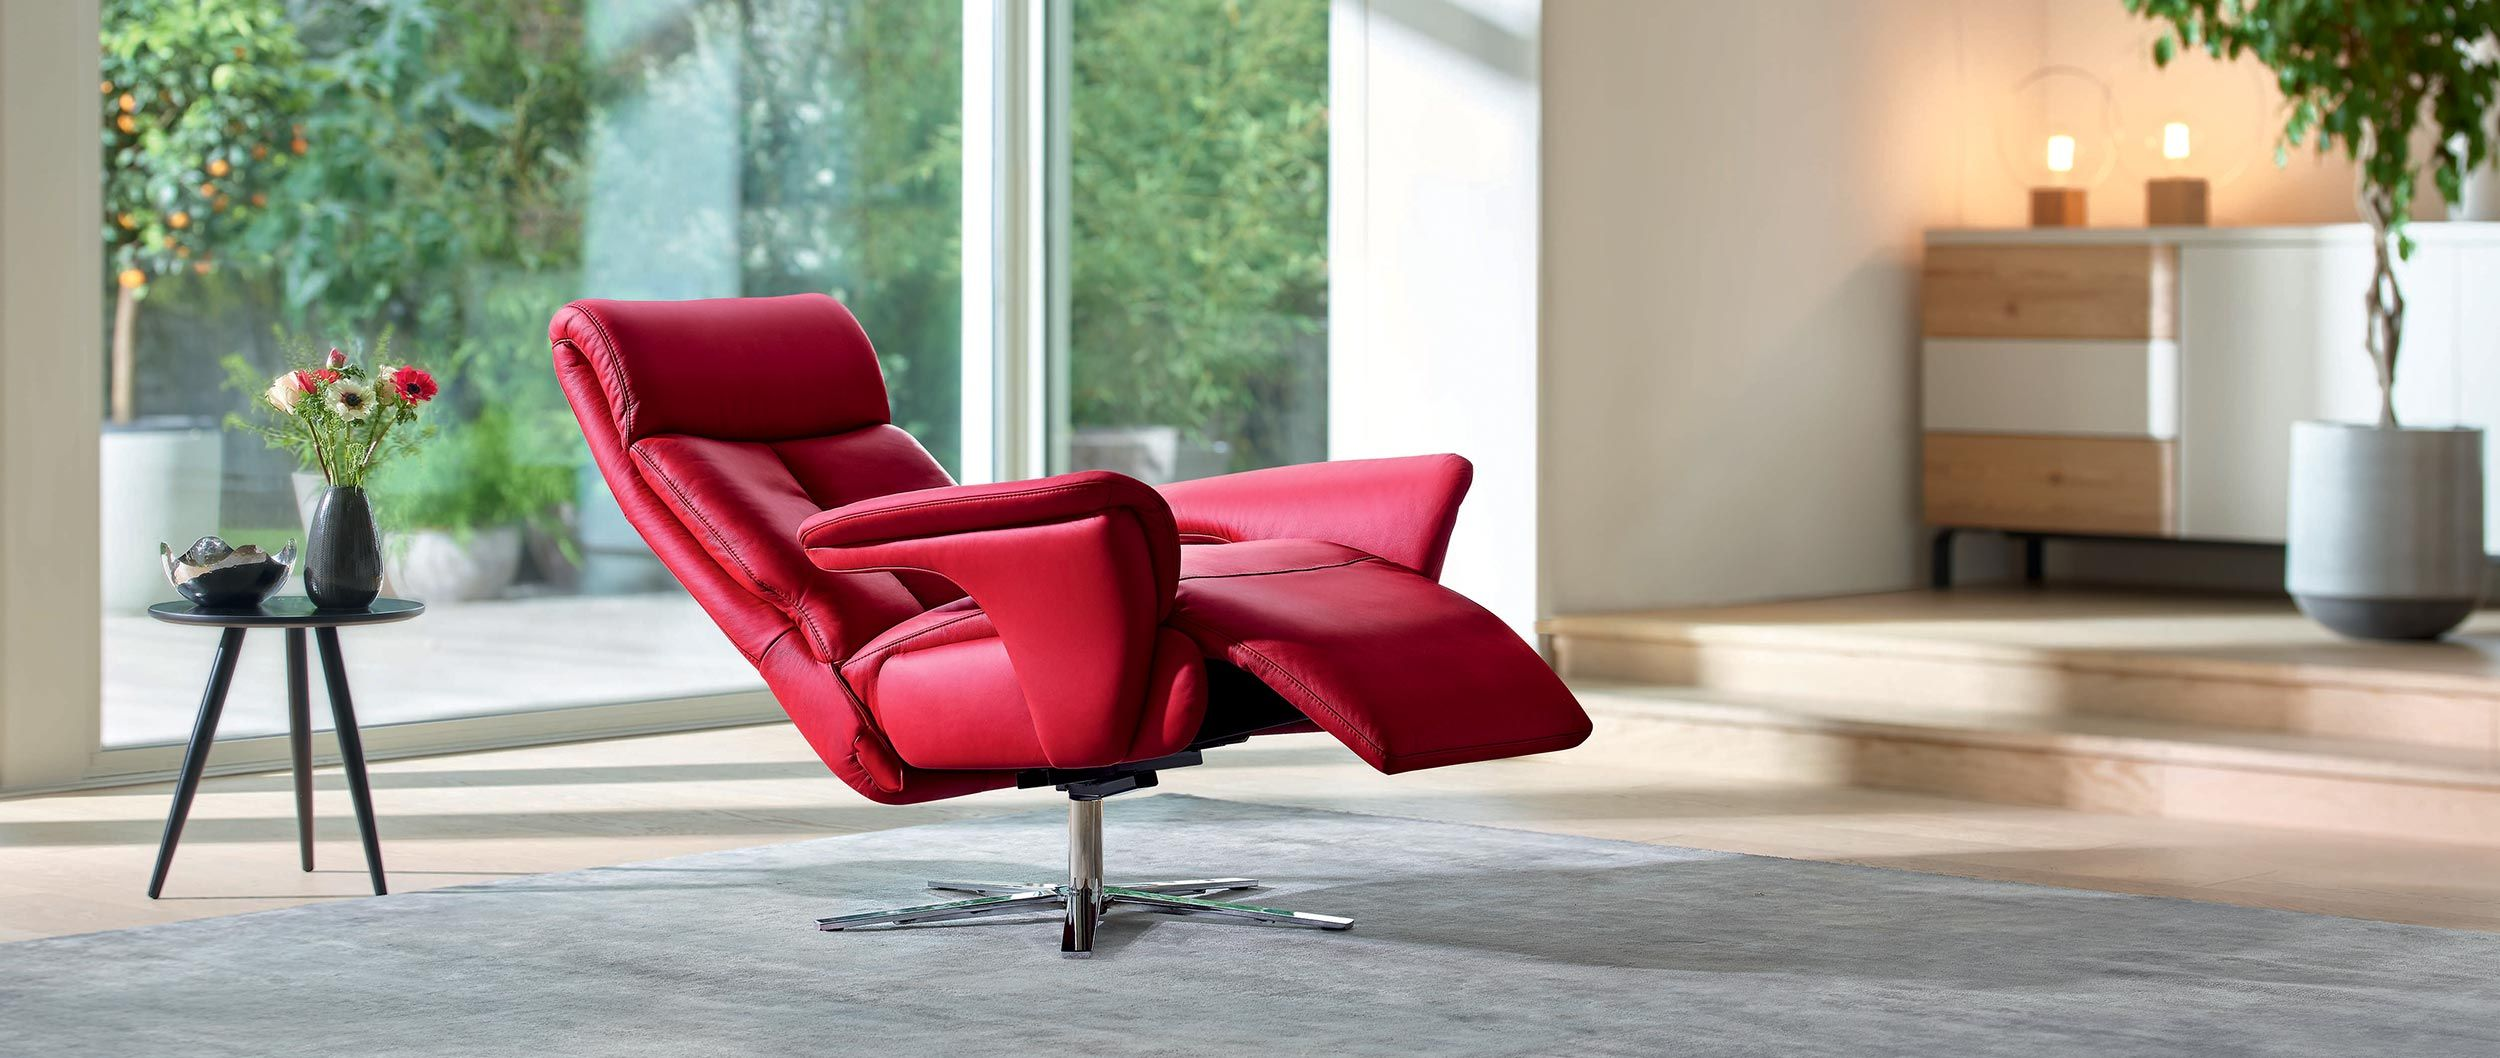 Furniture Places Utah